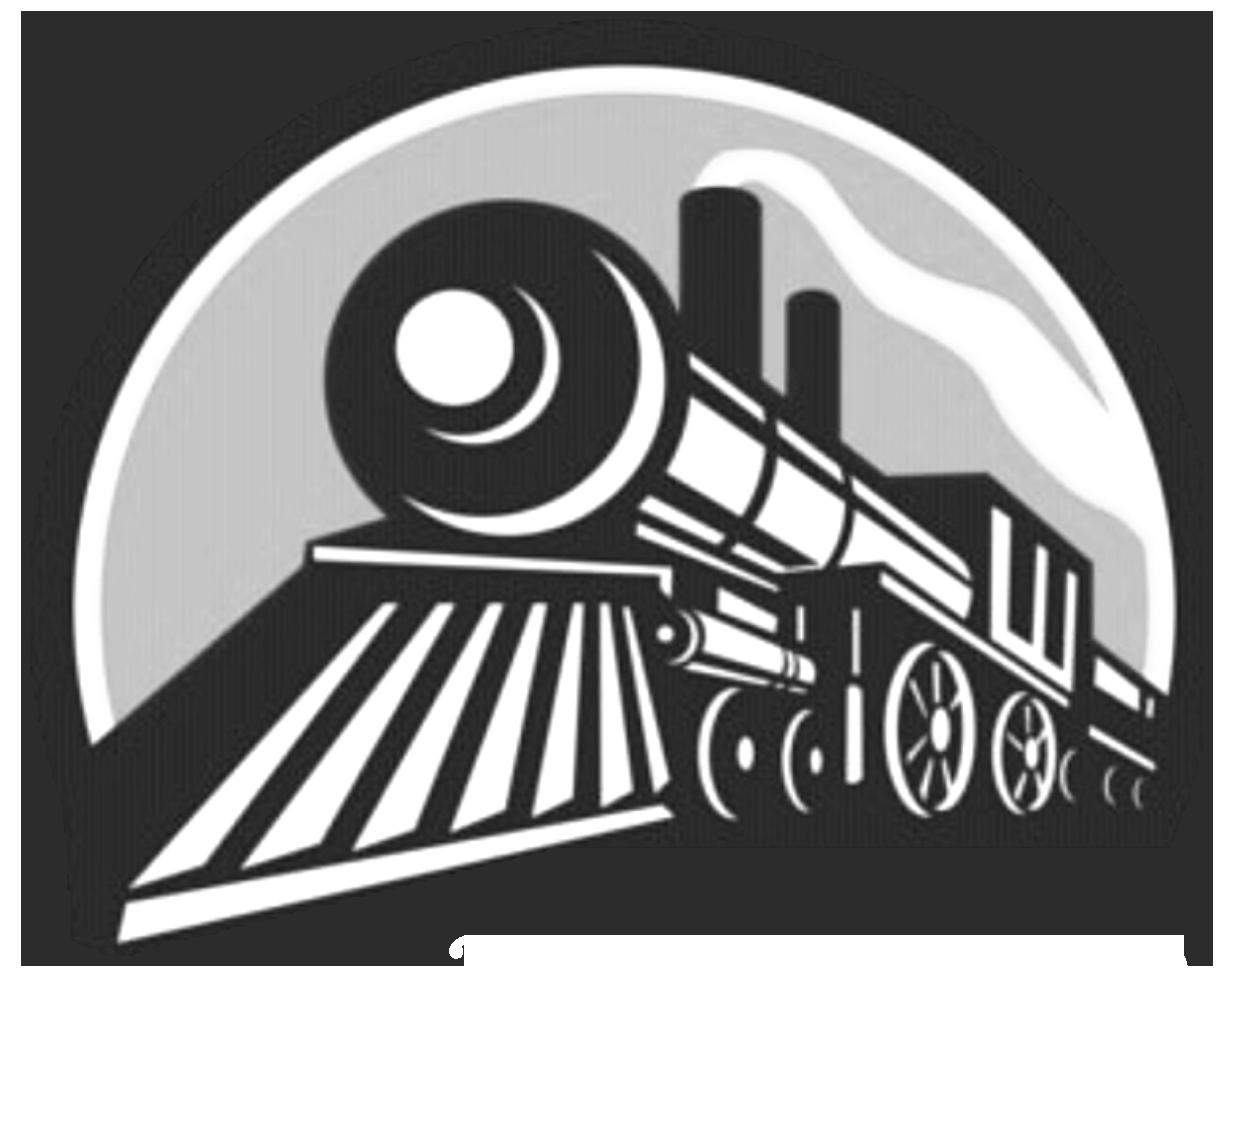 20 Railroad Trattoria & Pub Home